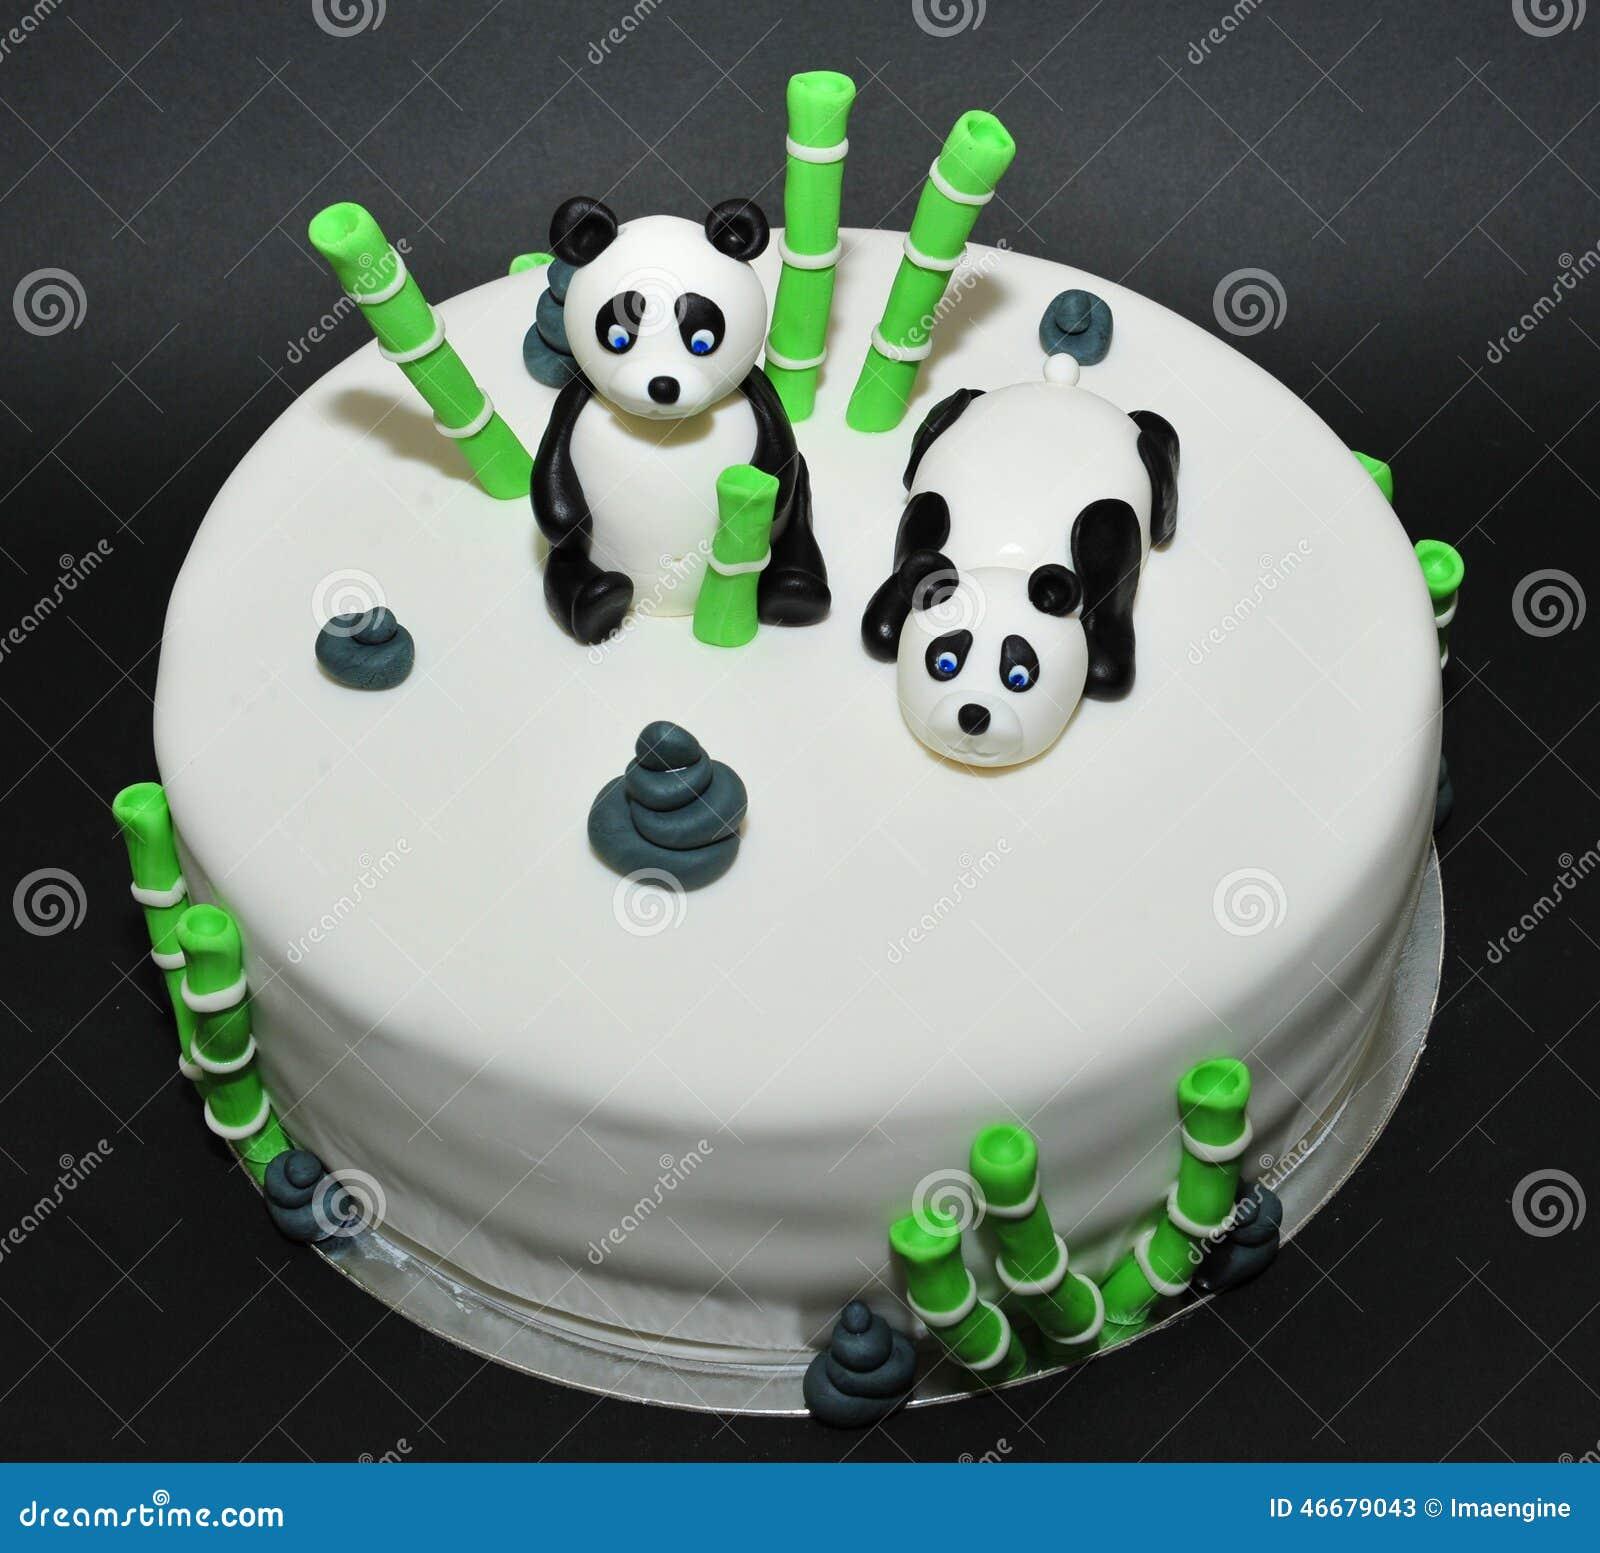 D Bear Cake Ideas